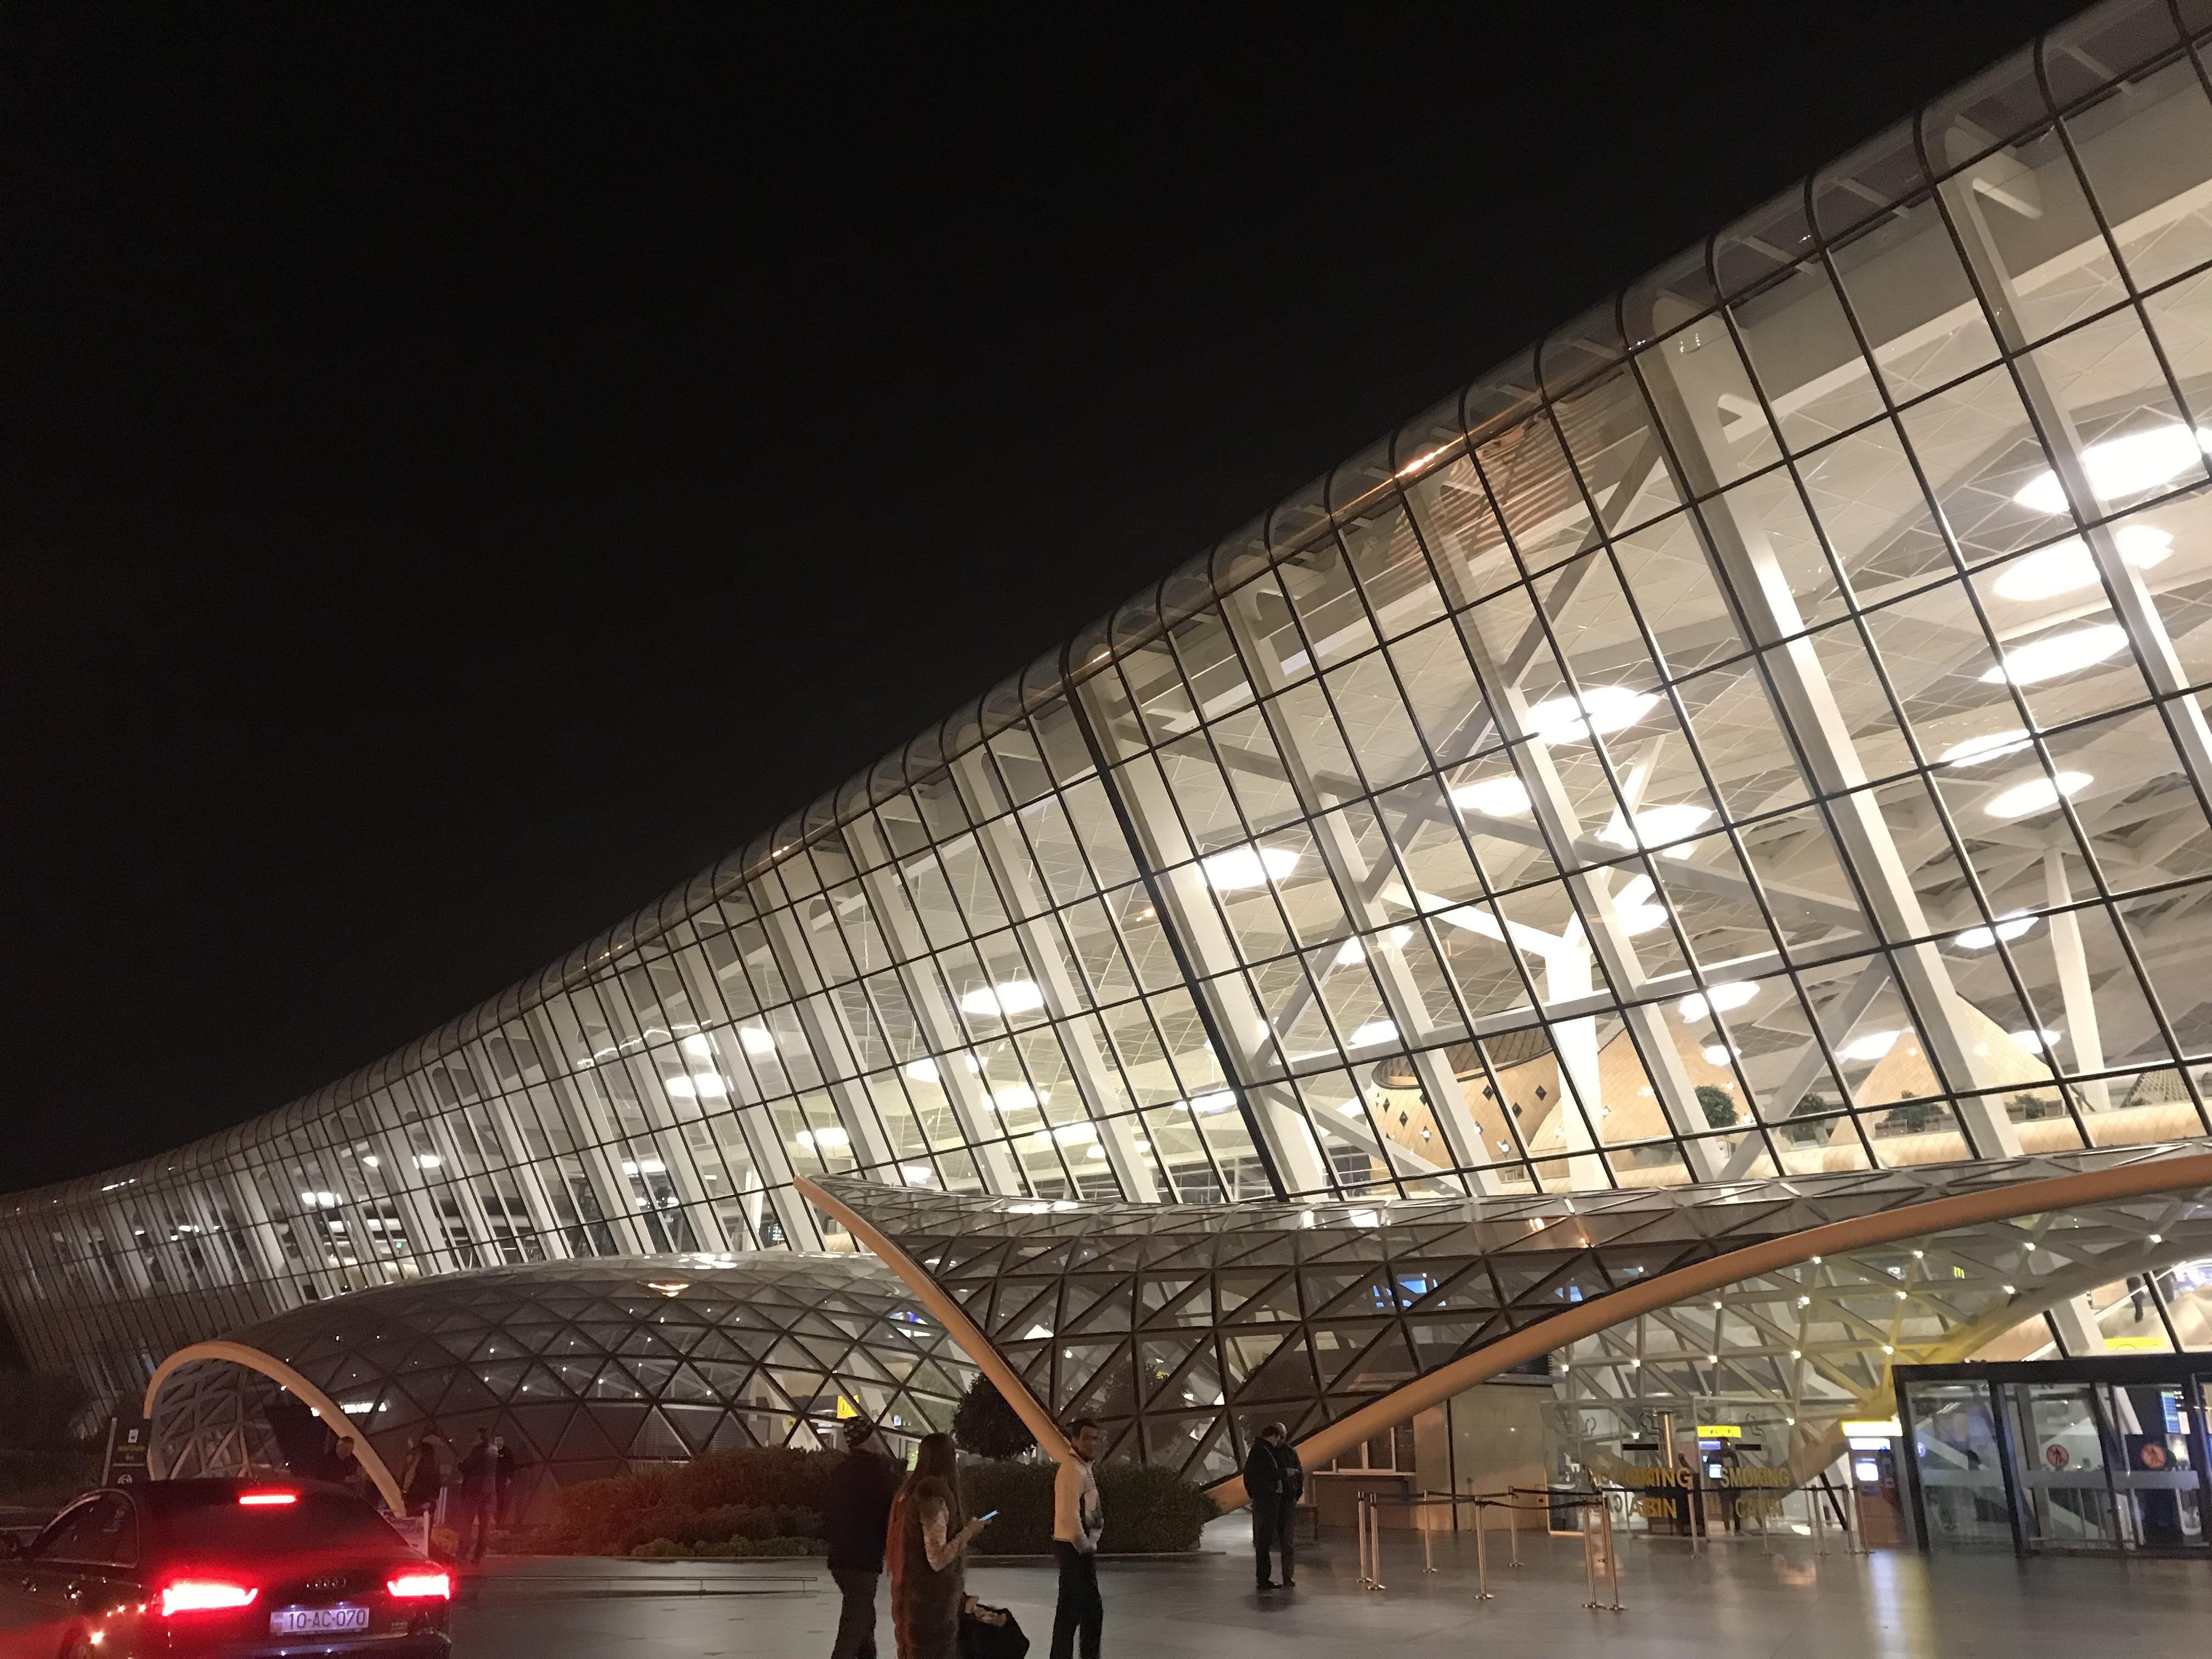 【アゼルバイジャン】日本人だけ無料!アライバルビザとアゼルバイジャン空港⇄バクー中心への行き方